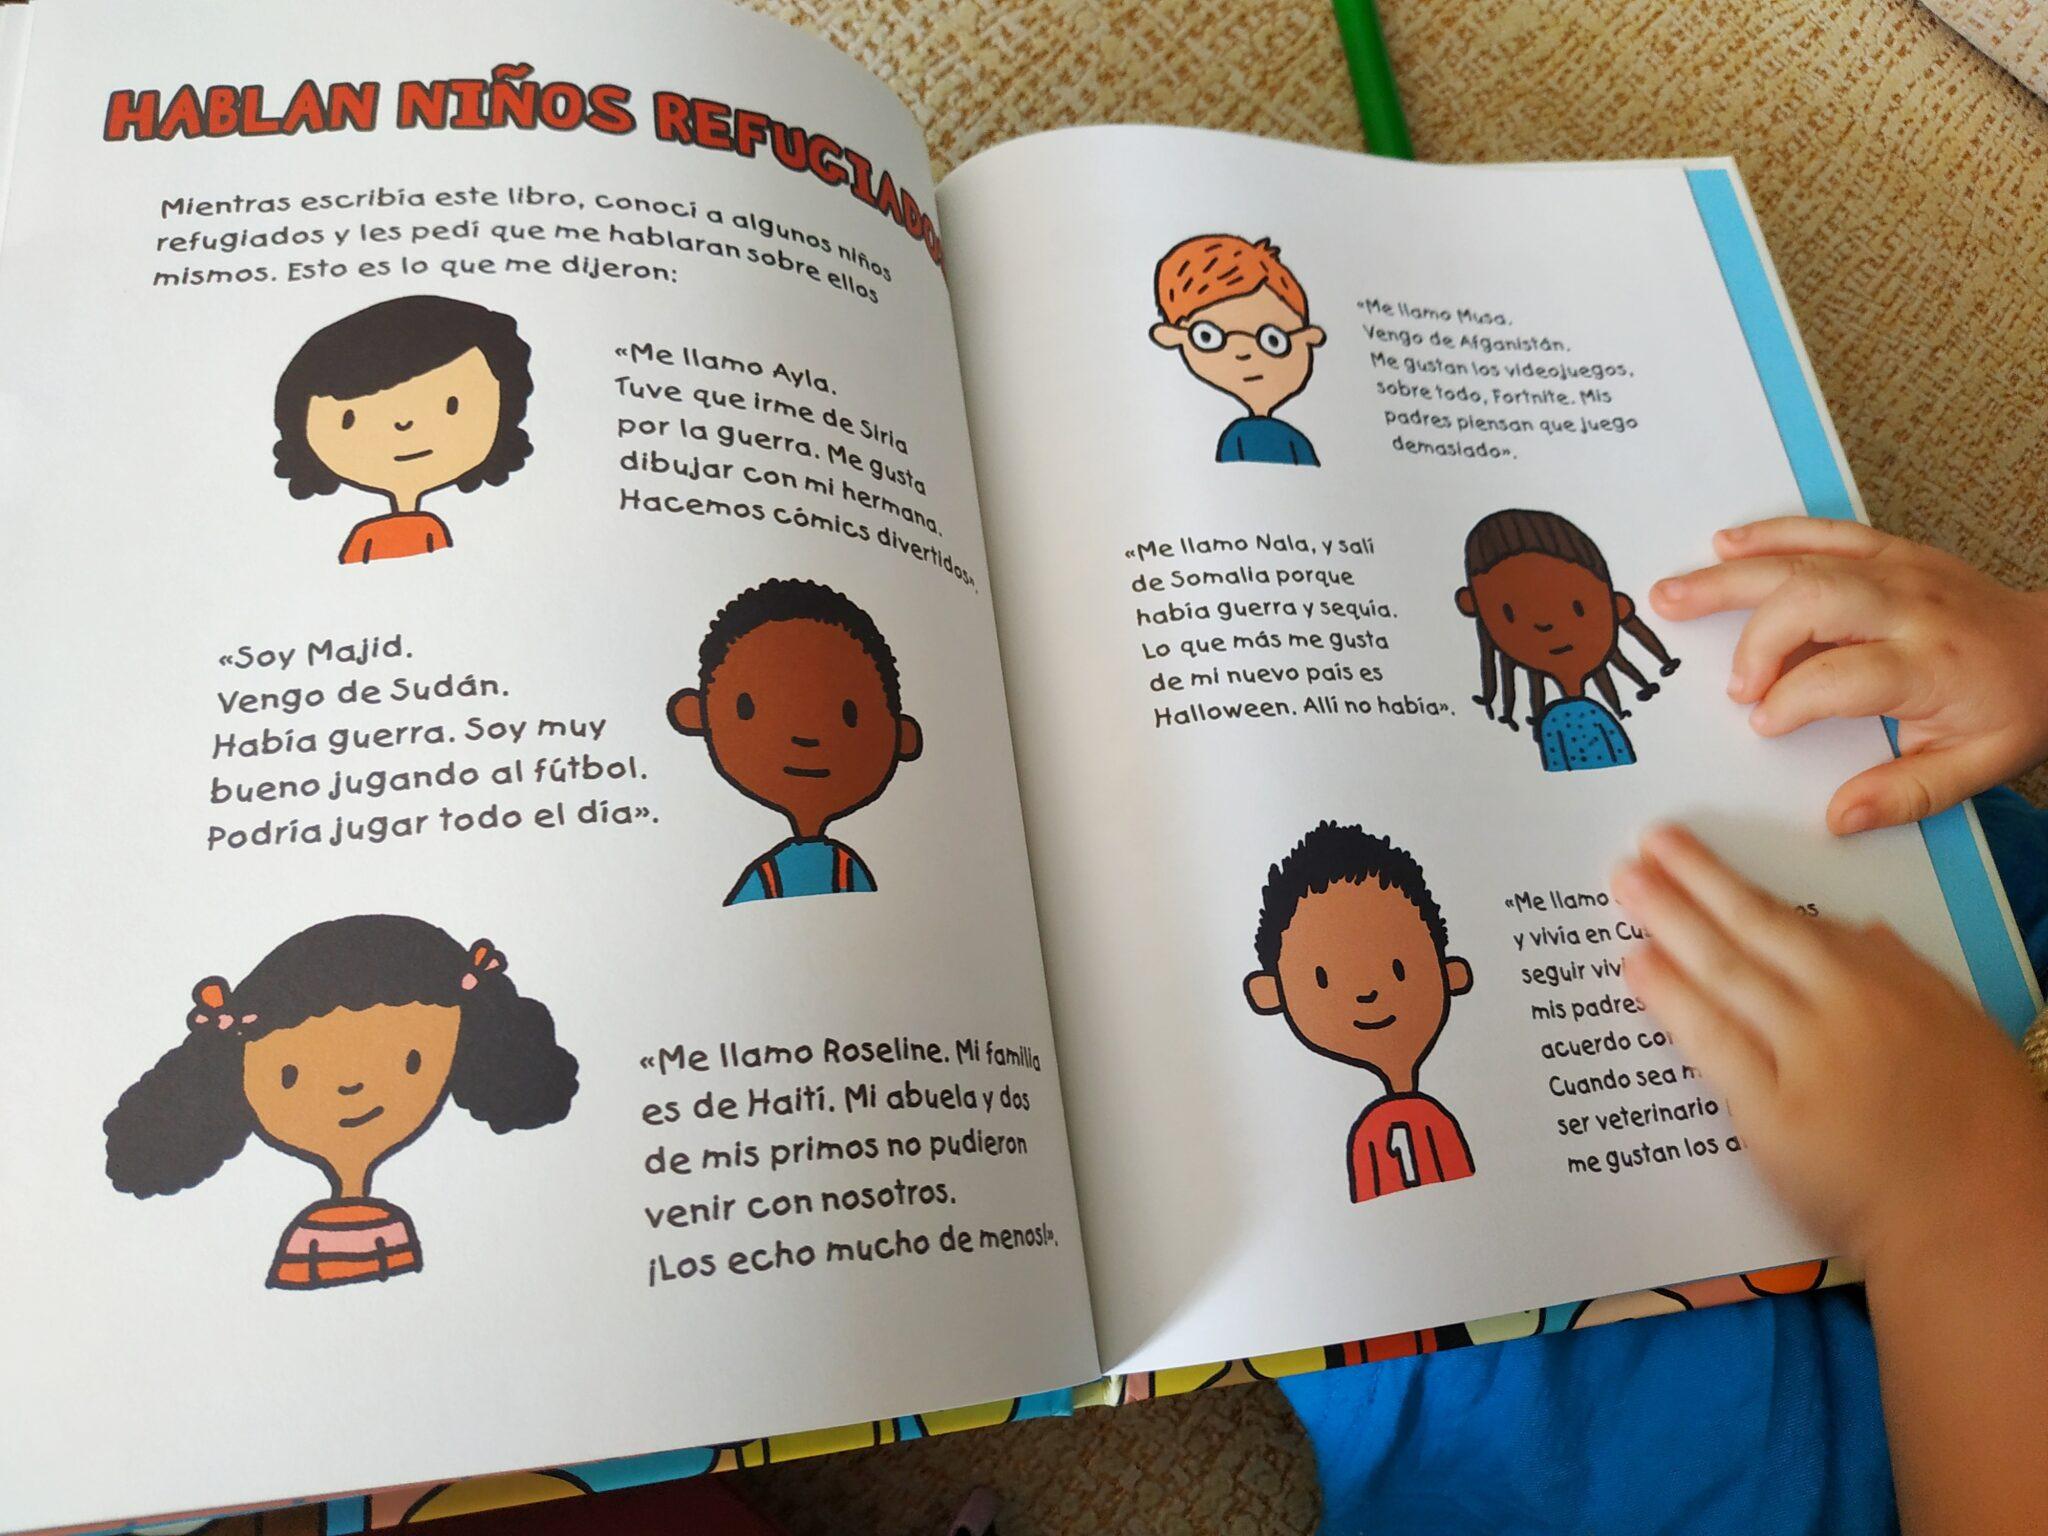 IMG 20200923 123101 01 scaled - Cómo explicar a los niños qué es un refugiado